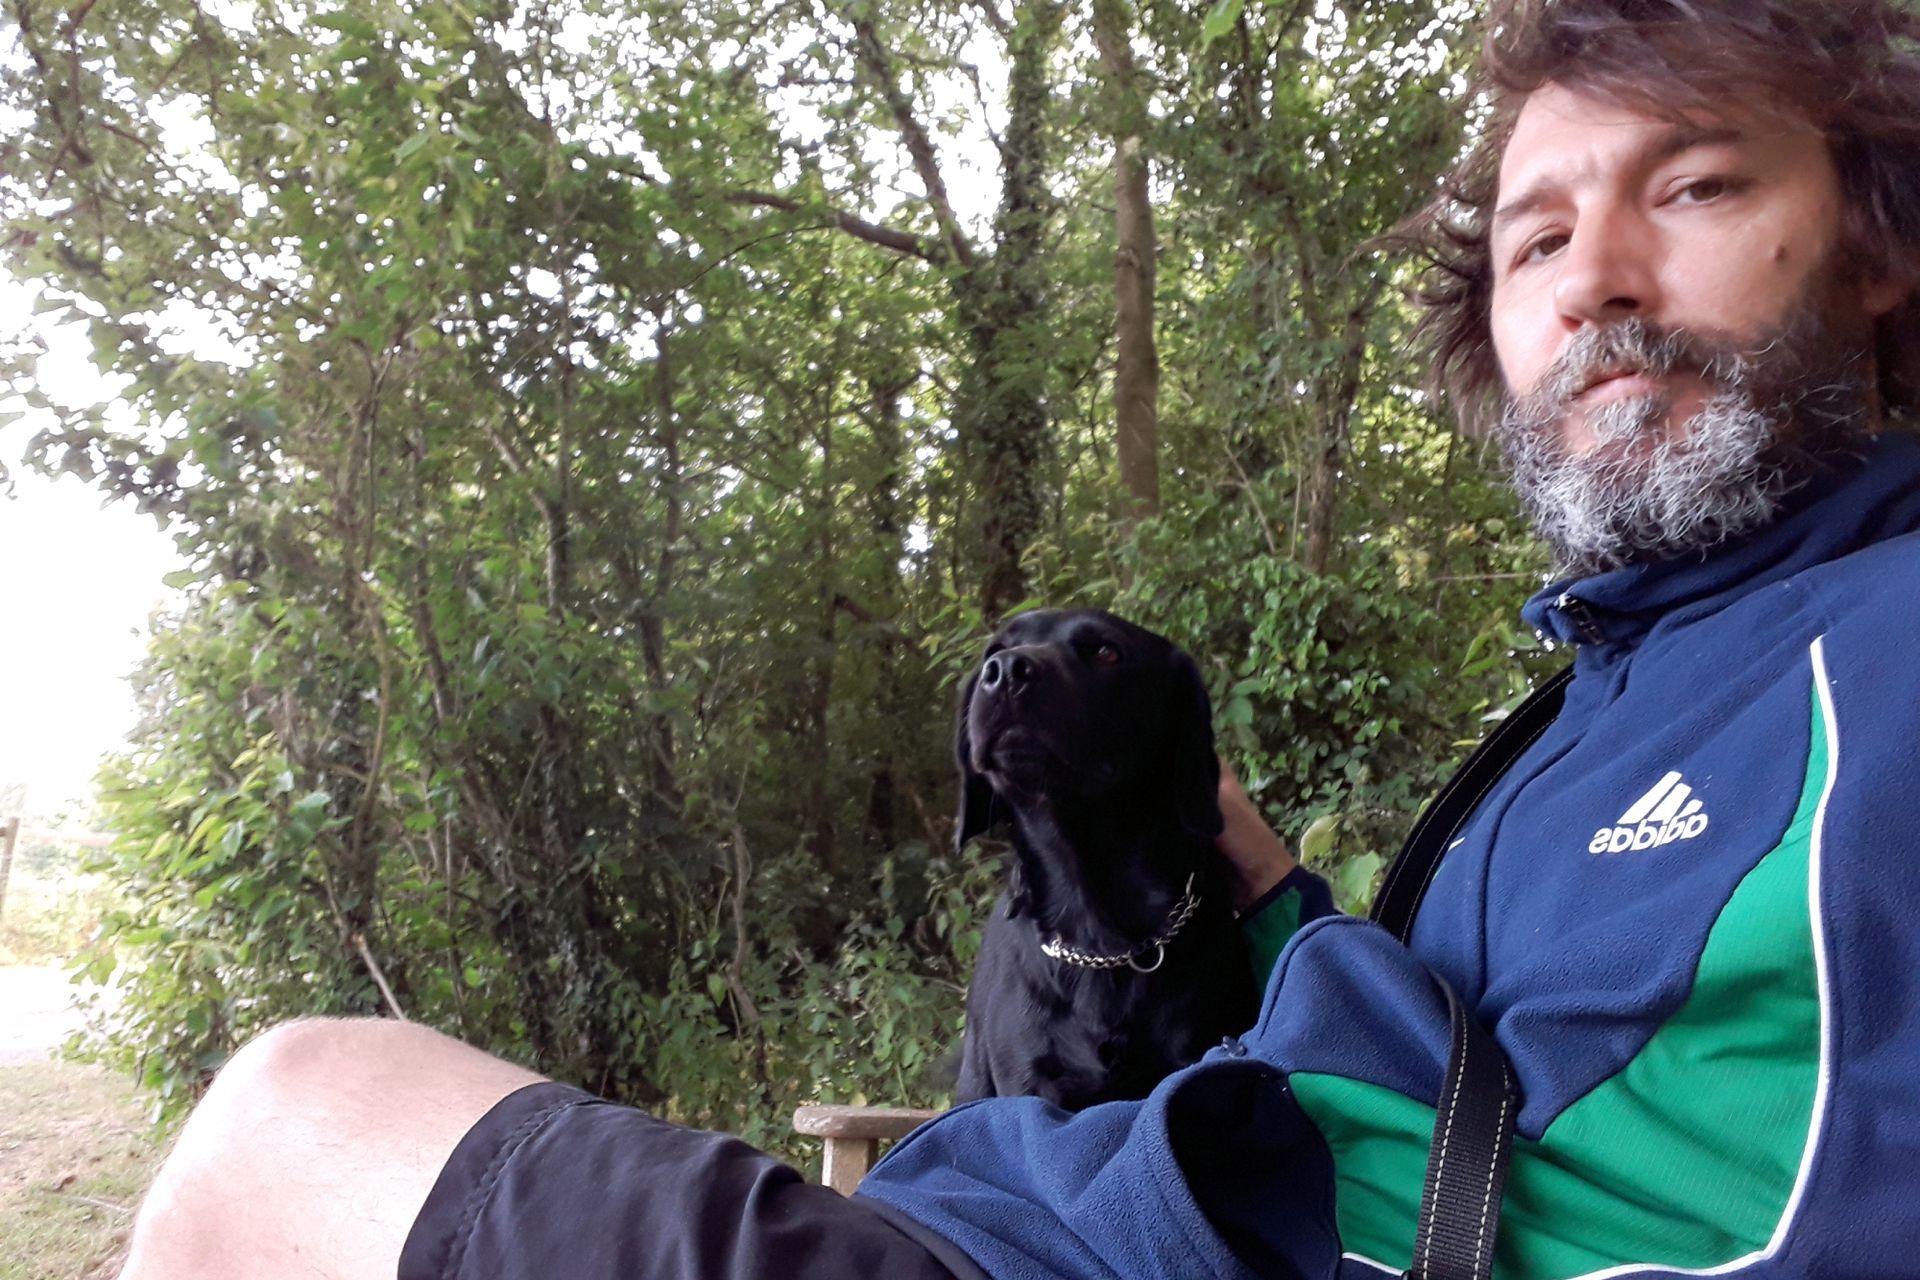 Martín encontró una calidad humana increíble. Se hizo amigo deUnoode Namibia, de Lorenz, Andrea, Pereyra, Leopoldo, y Joaquina, que vive en LaLínena. Aunque un perro, Obi, es su mejor amigo.